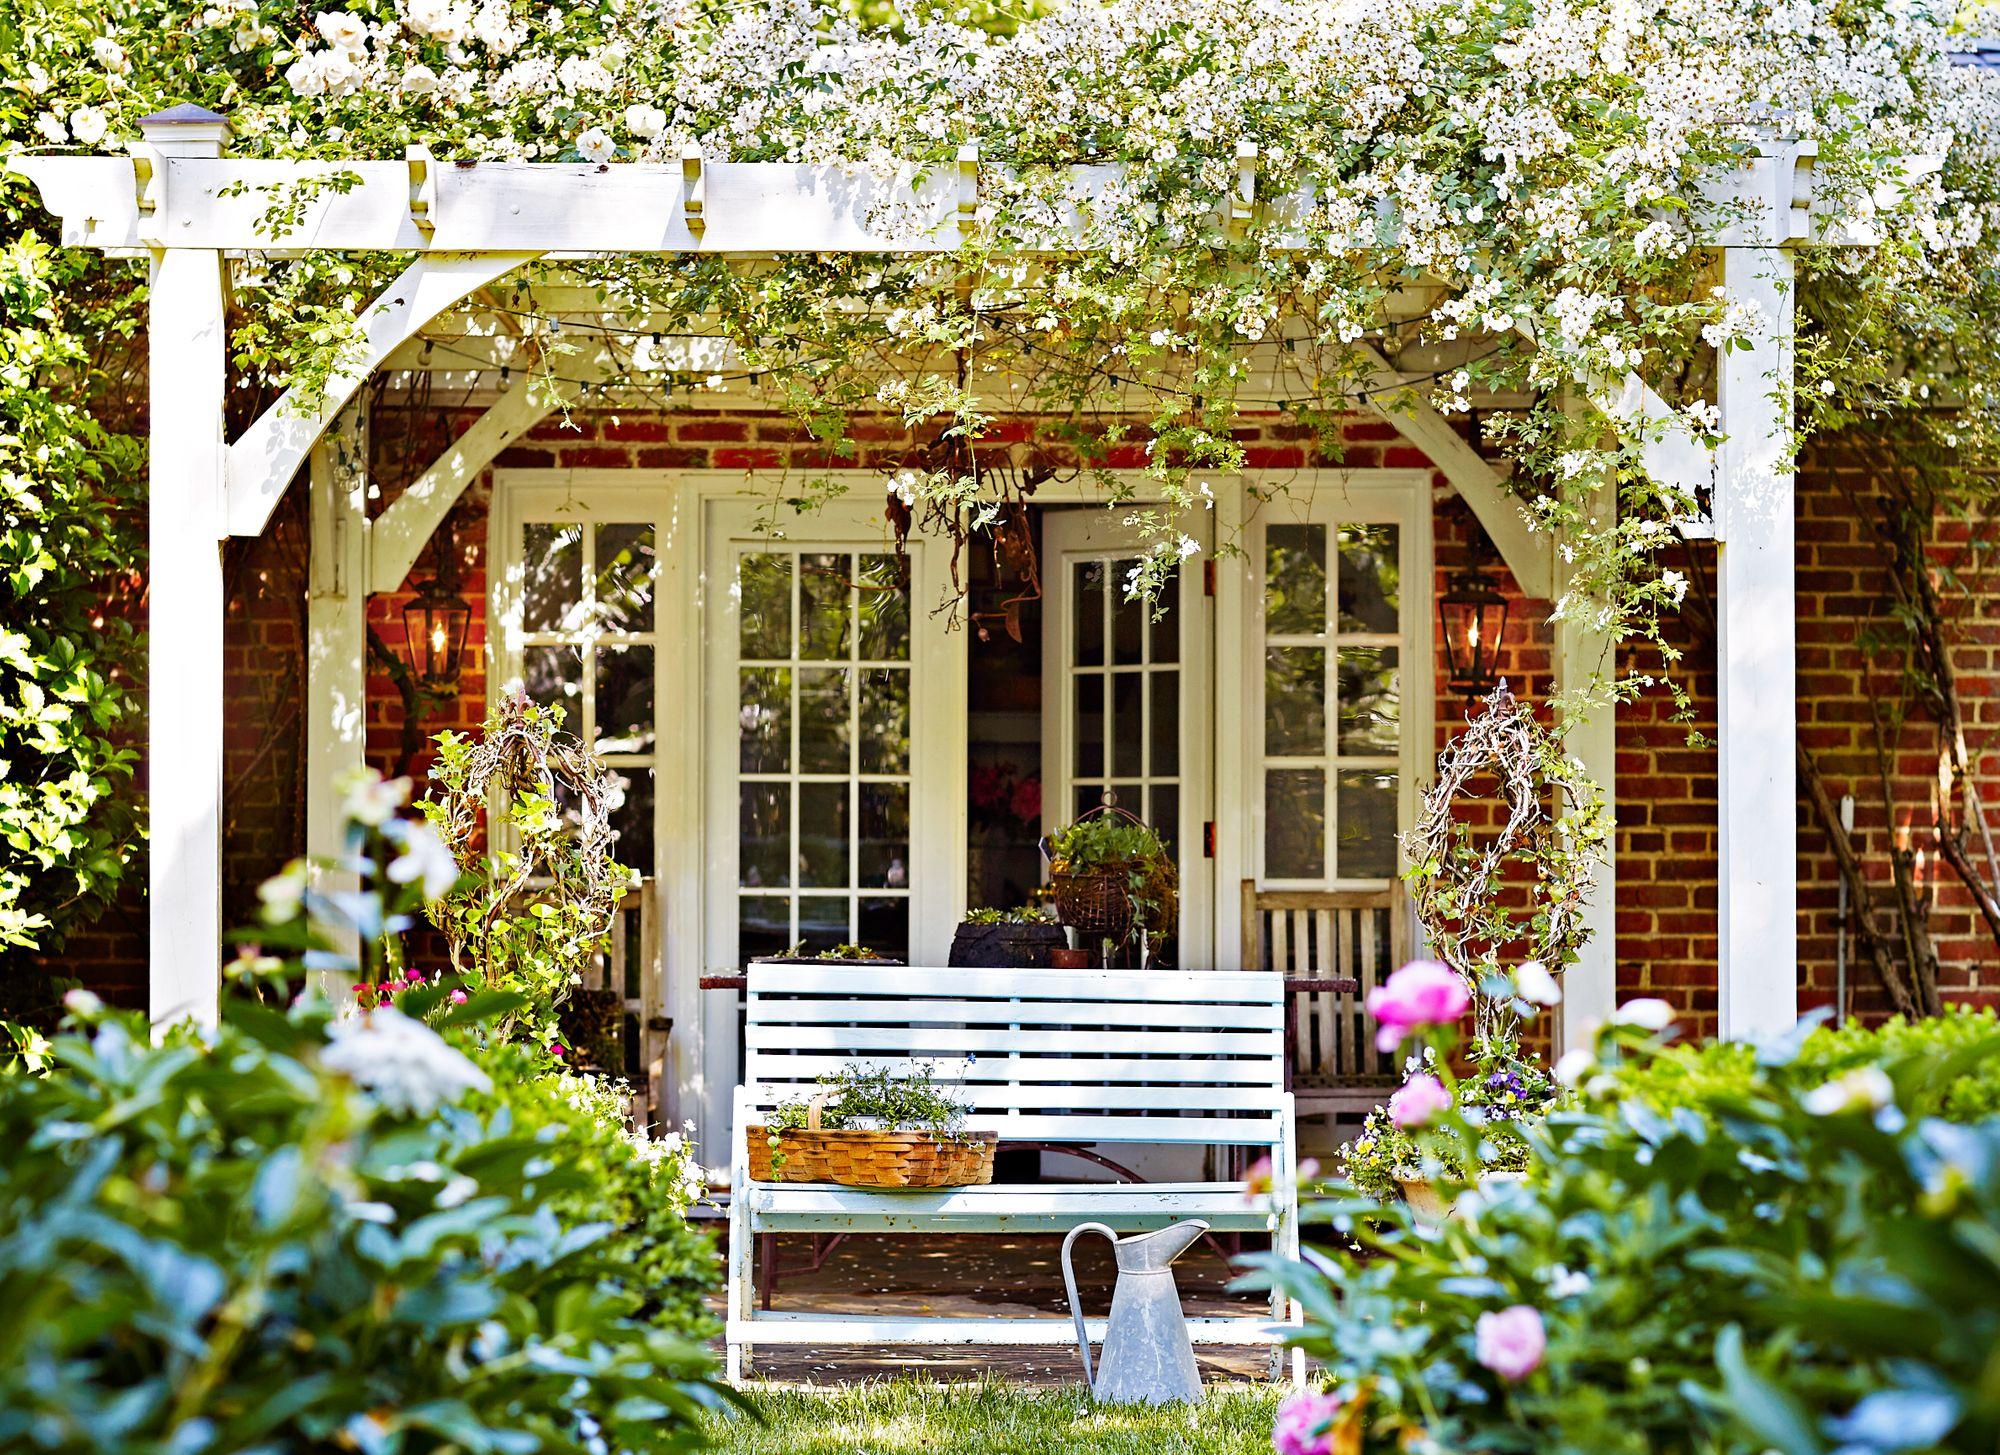 150521_RHome_Garden22105Aweb.jpg